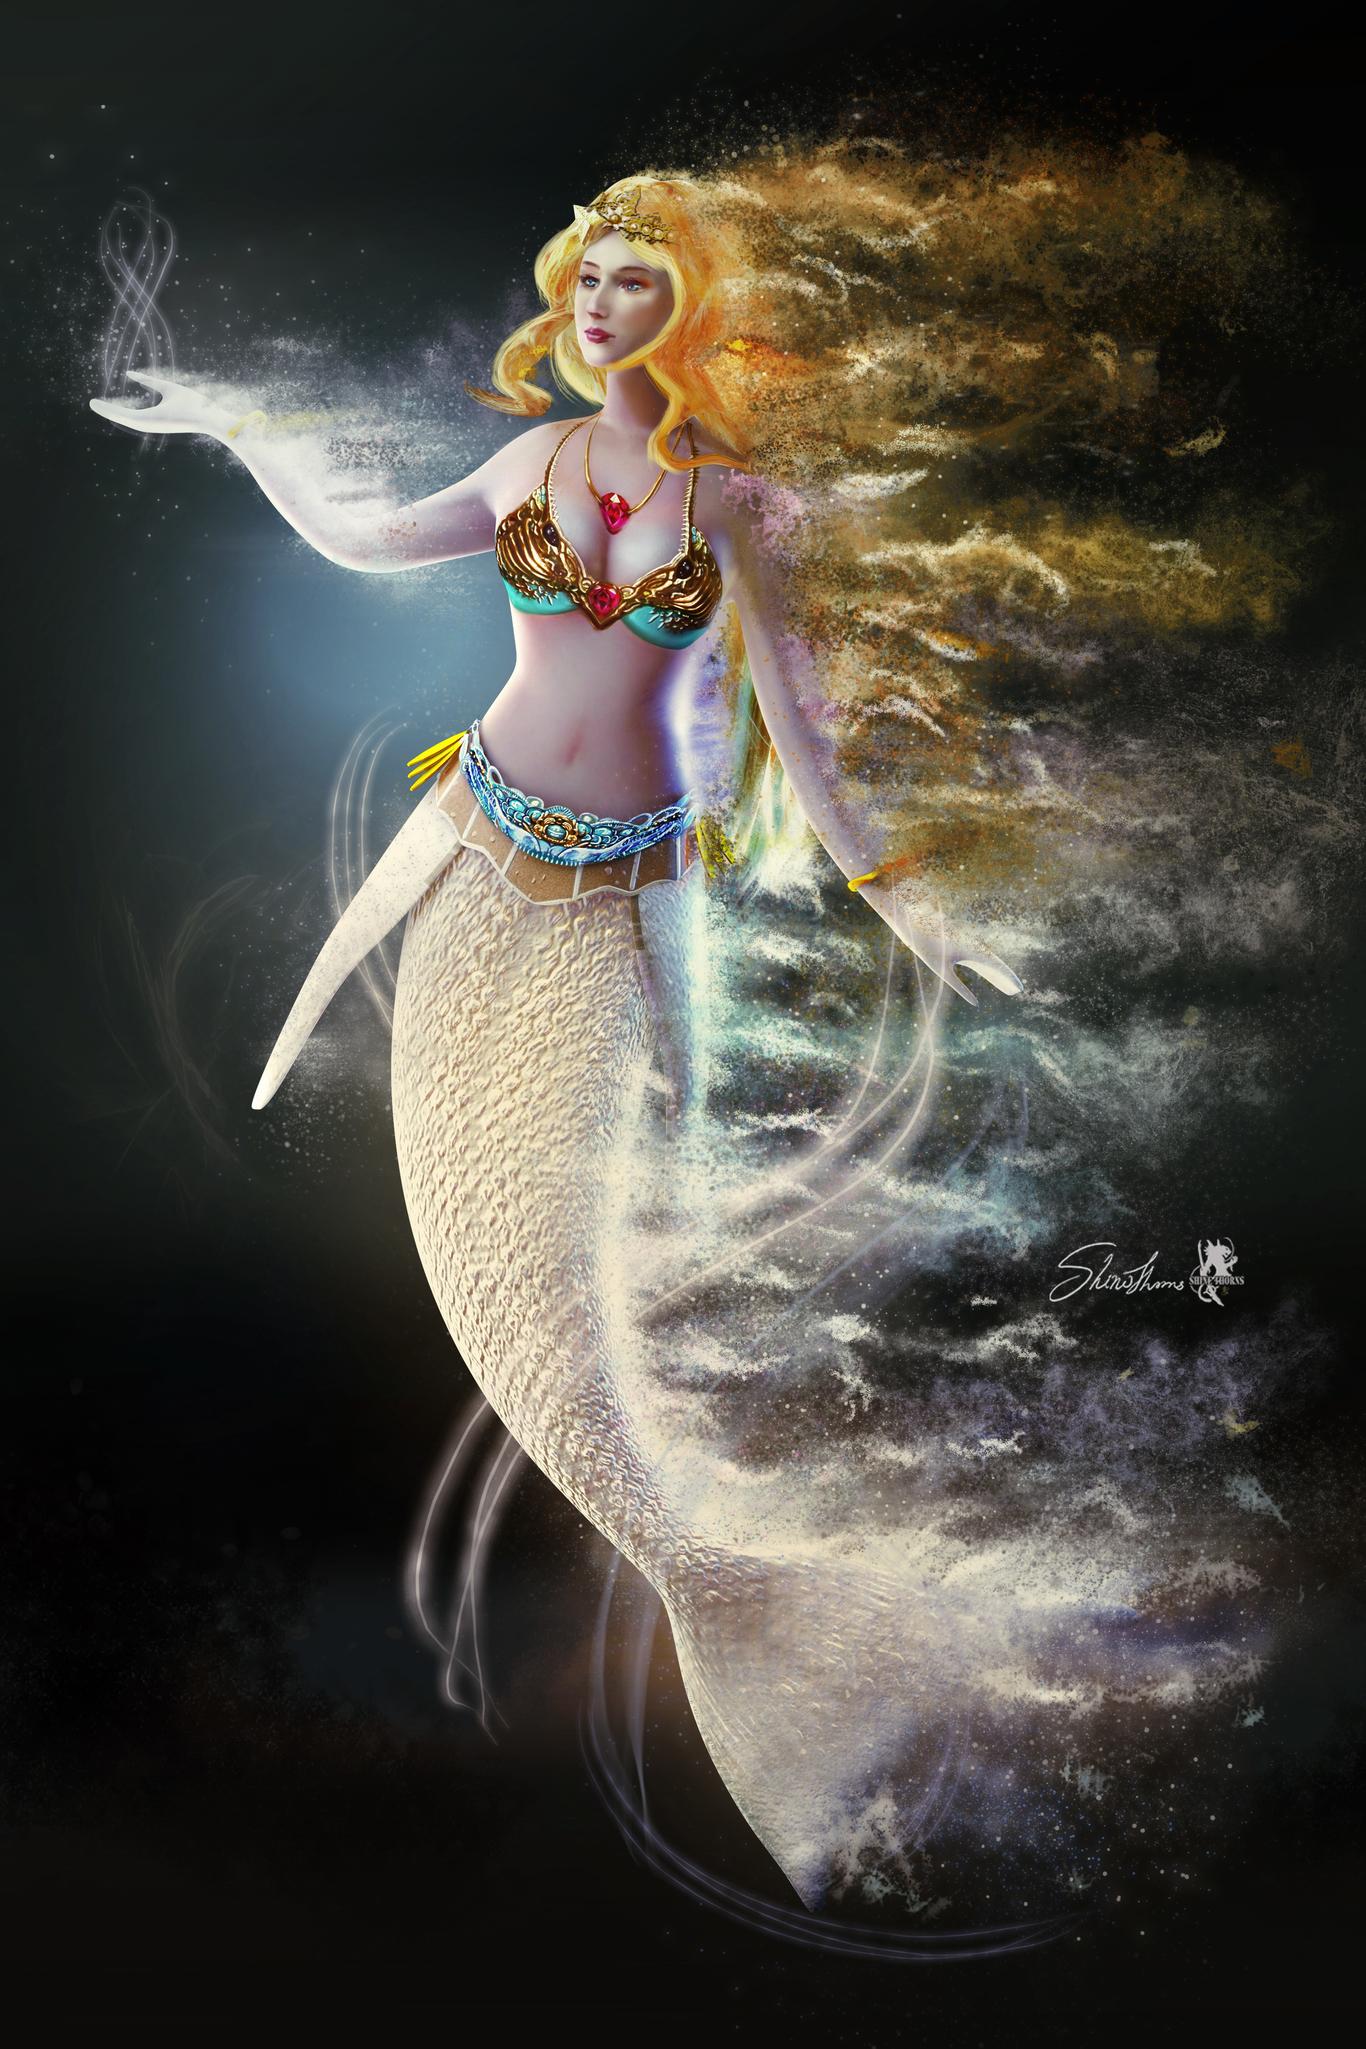 Shinethorns mermaid 1 7ffad3dd 1r52